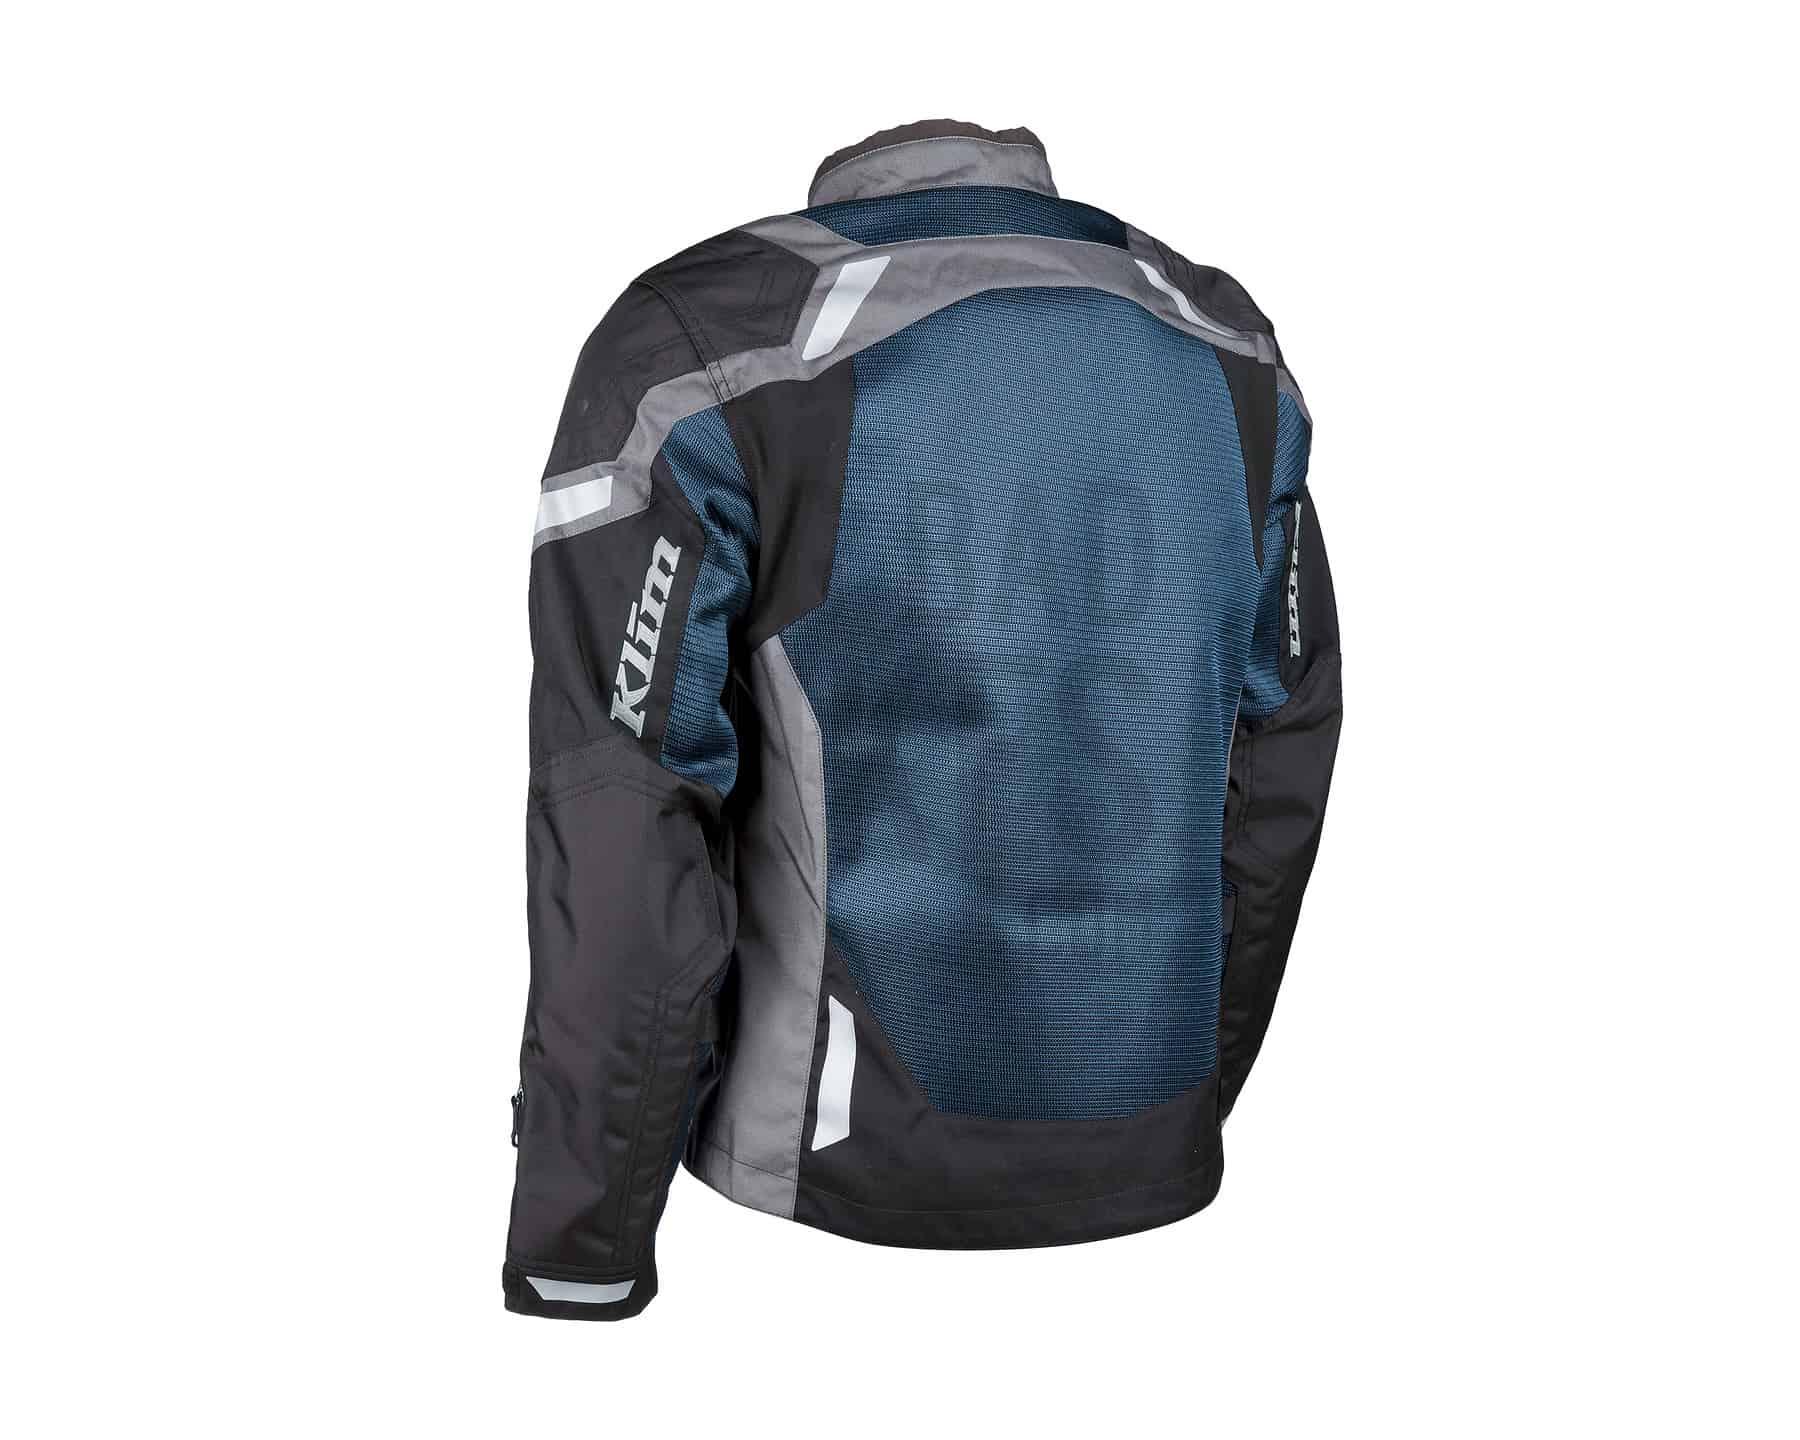 Induction Jacket_5060-002_Blue_05